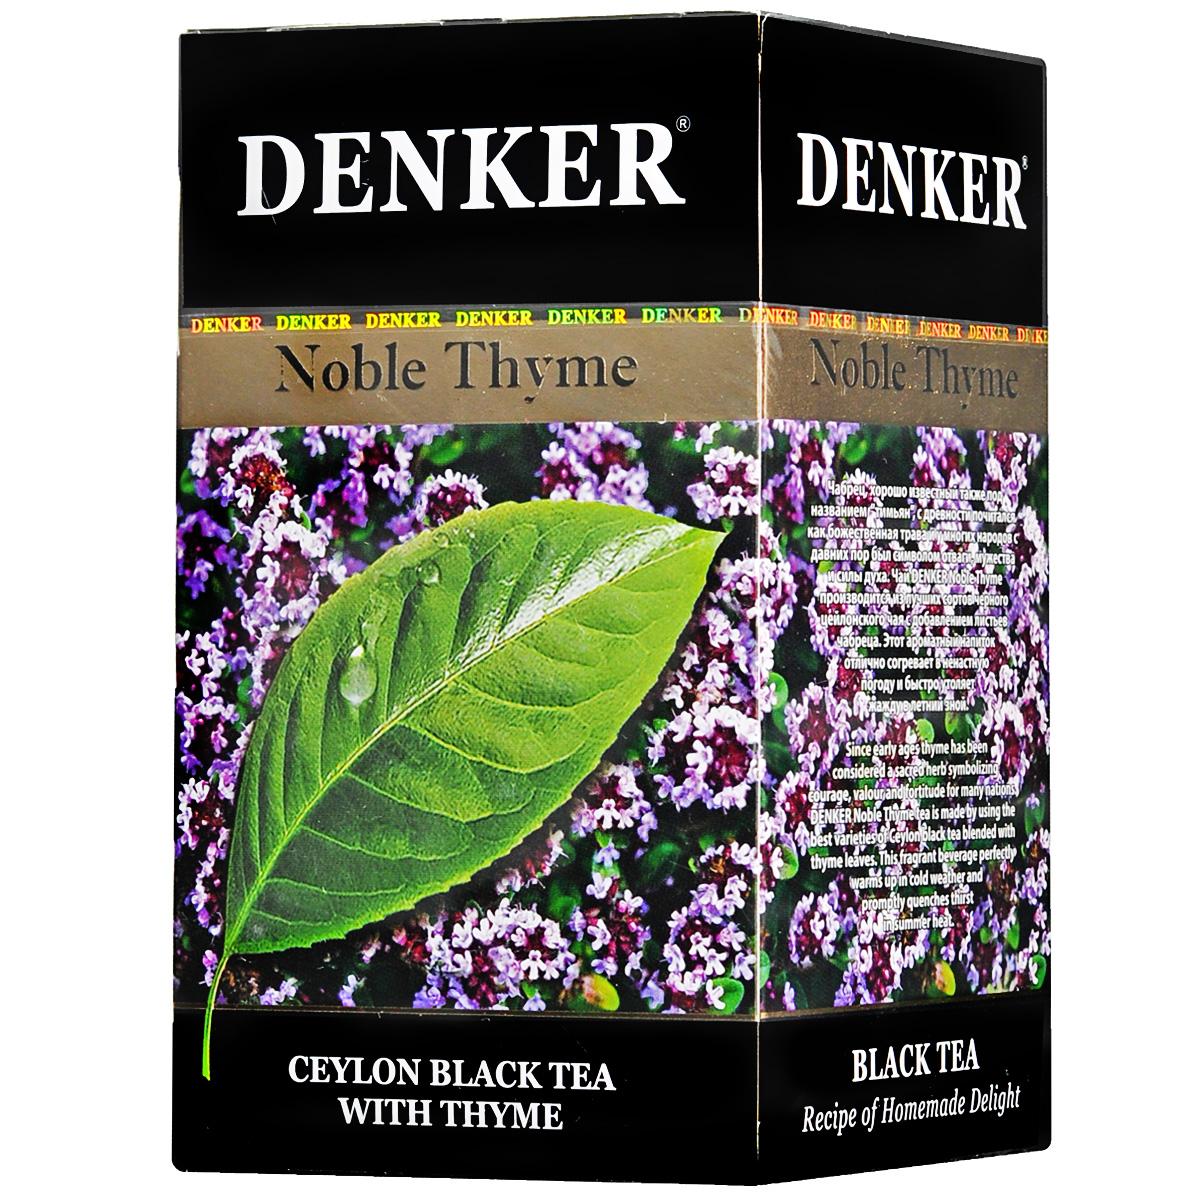 Denker Noble Thyme черный чай в пакетиках, 20 шт1080007Чабрец, хорошо известный также под названием тимьян, с древности почитался как божественная трава и у многих народов с давних пор был символом отваги, мужества и силы духа.Чай Denker Noble Thyme производится из лучших сортов черного цейлонского чая с добавлением листьев чабреца. Этот ароматный напиток отлично согревает в ненастную погоду и быстро утоляет жажду в летний зной.